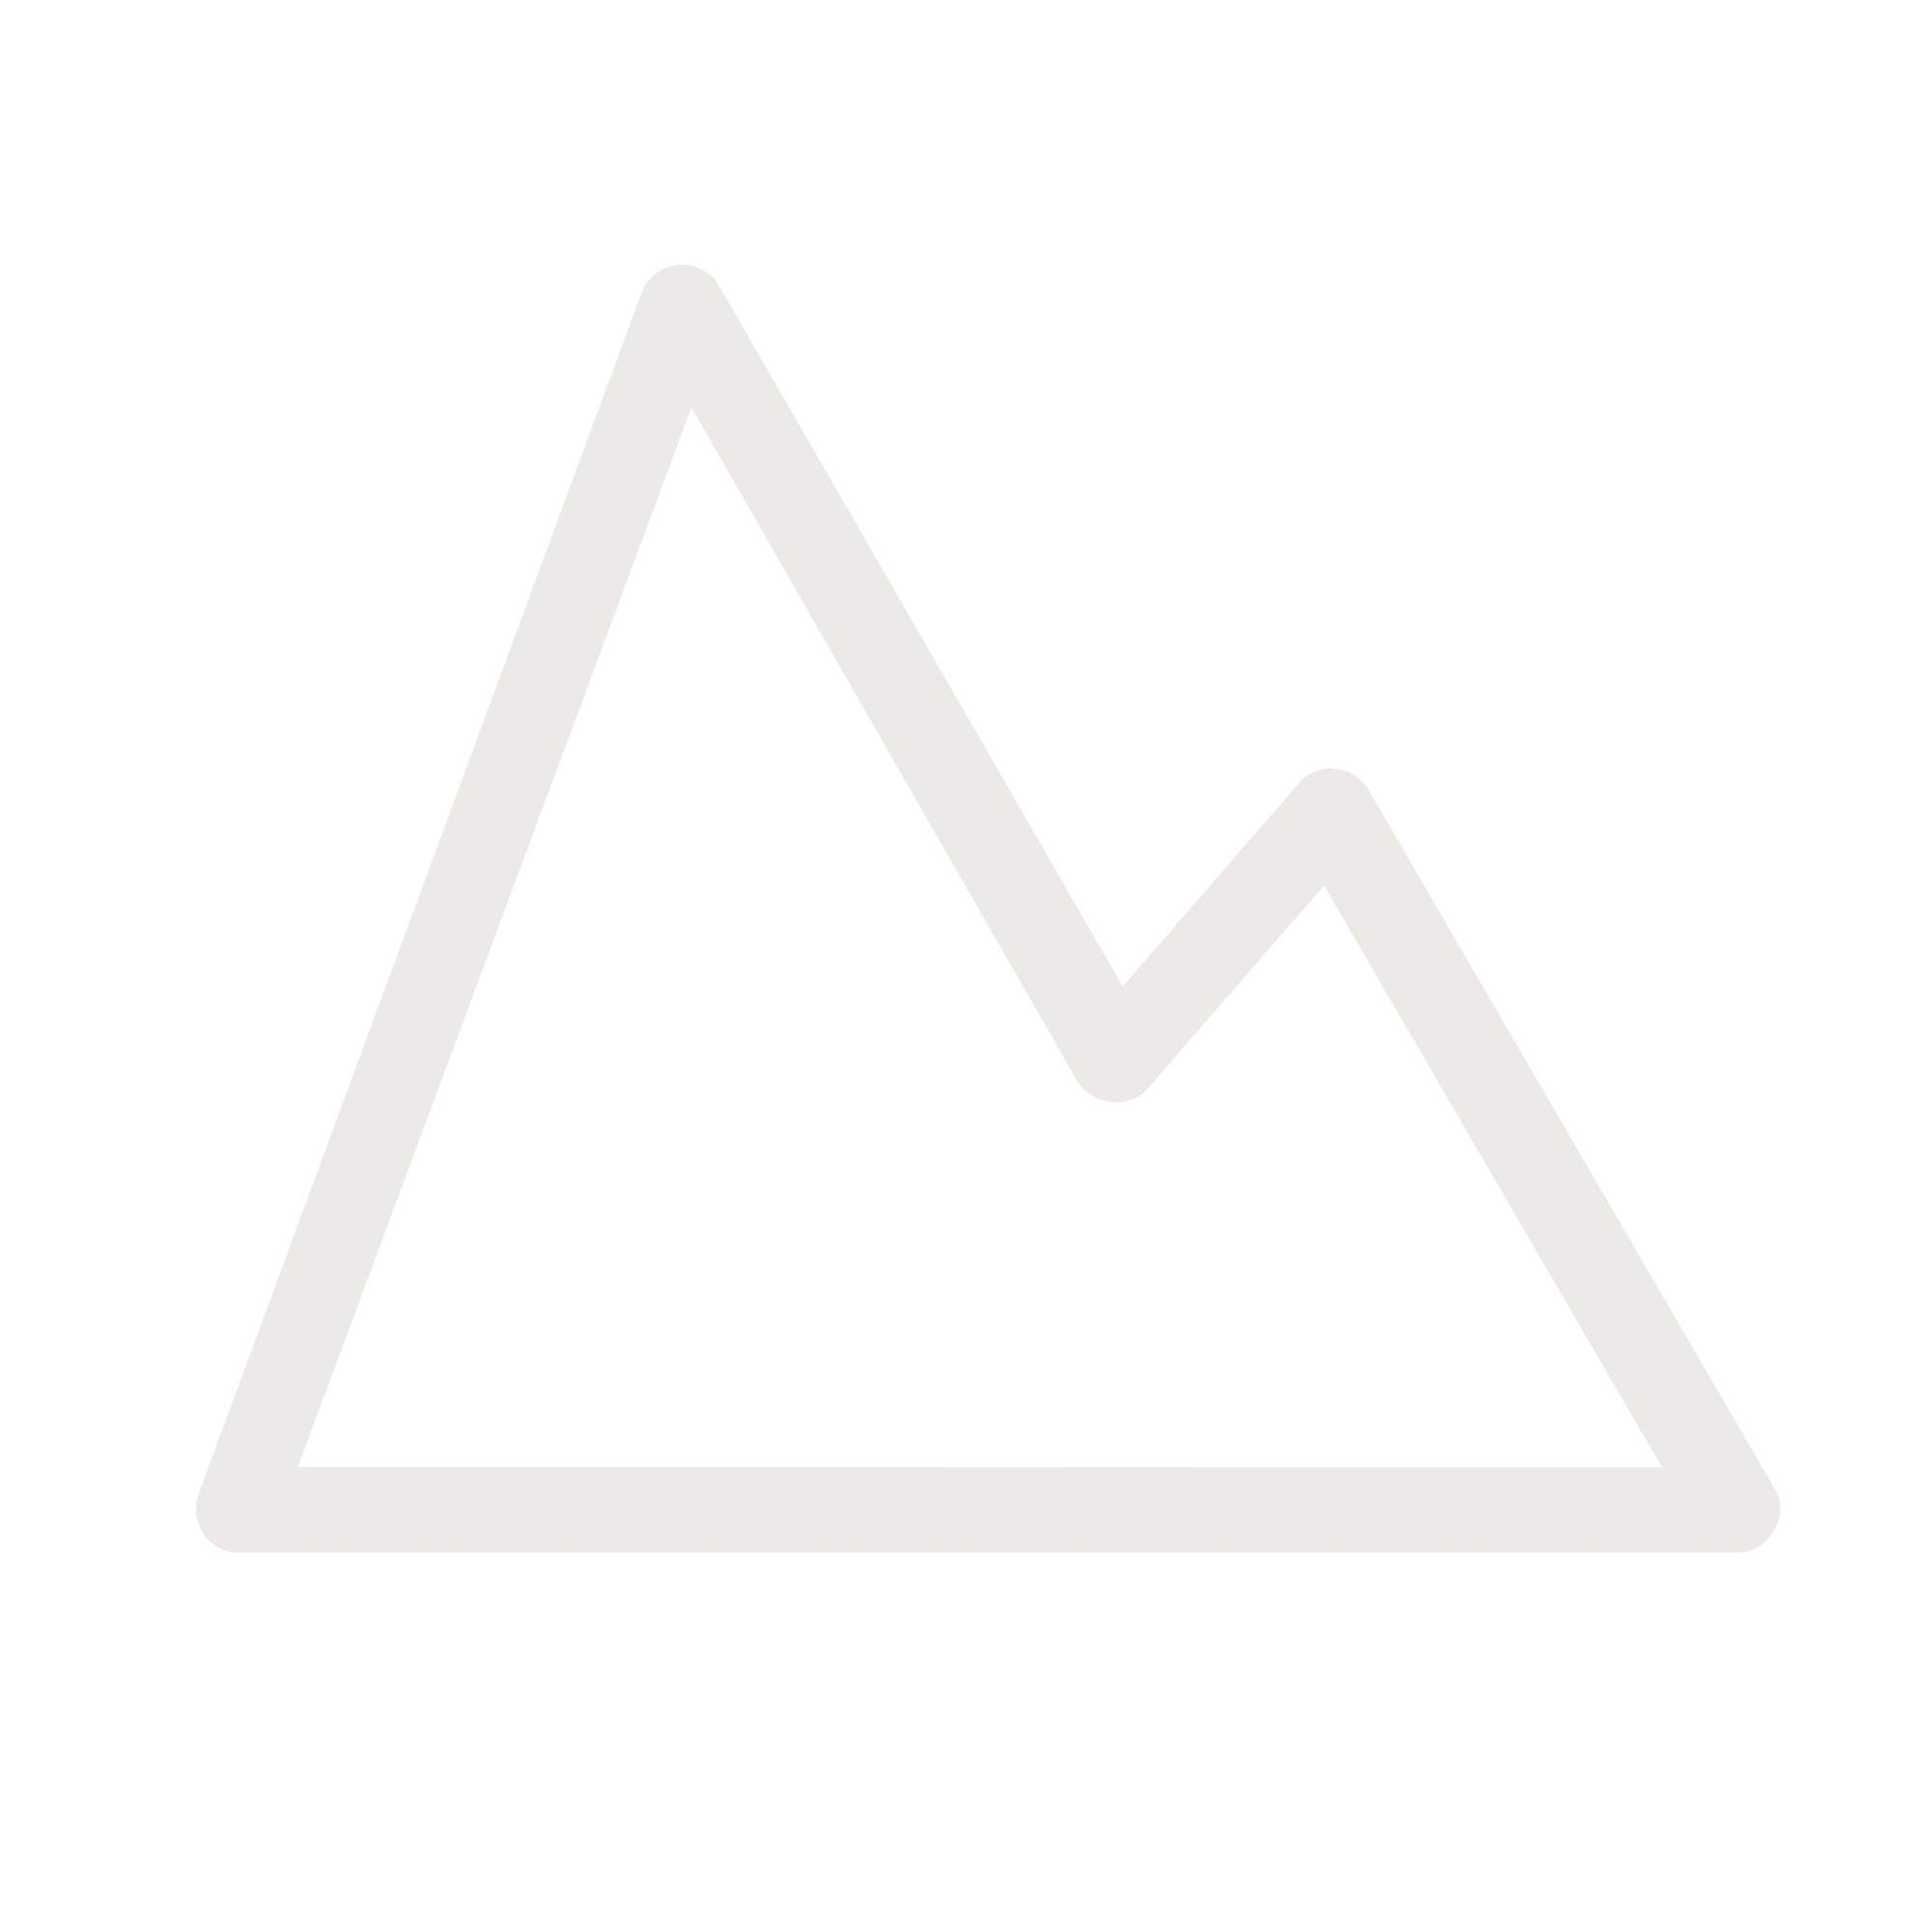 fj llr ven rucksack mini rosa fj llr ven rucksack mini. Black Bedroom Furniture Sets. Home Design Ideas